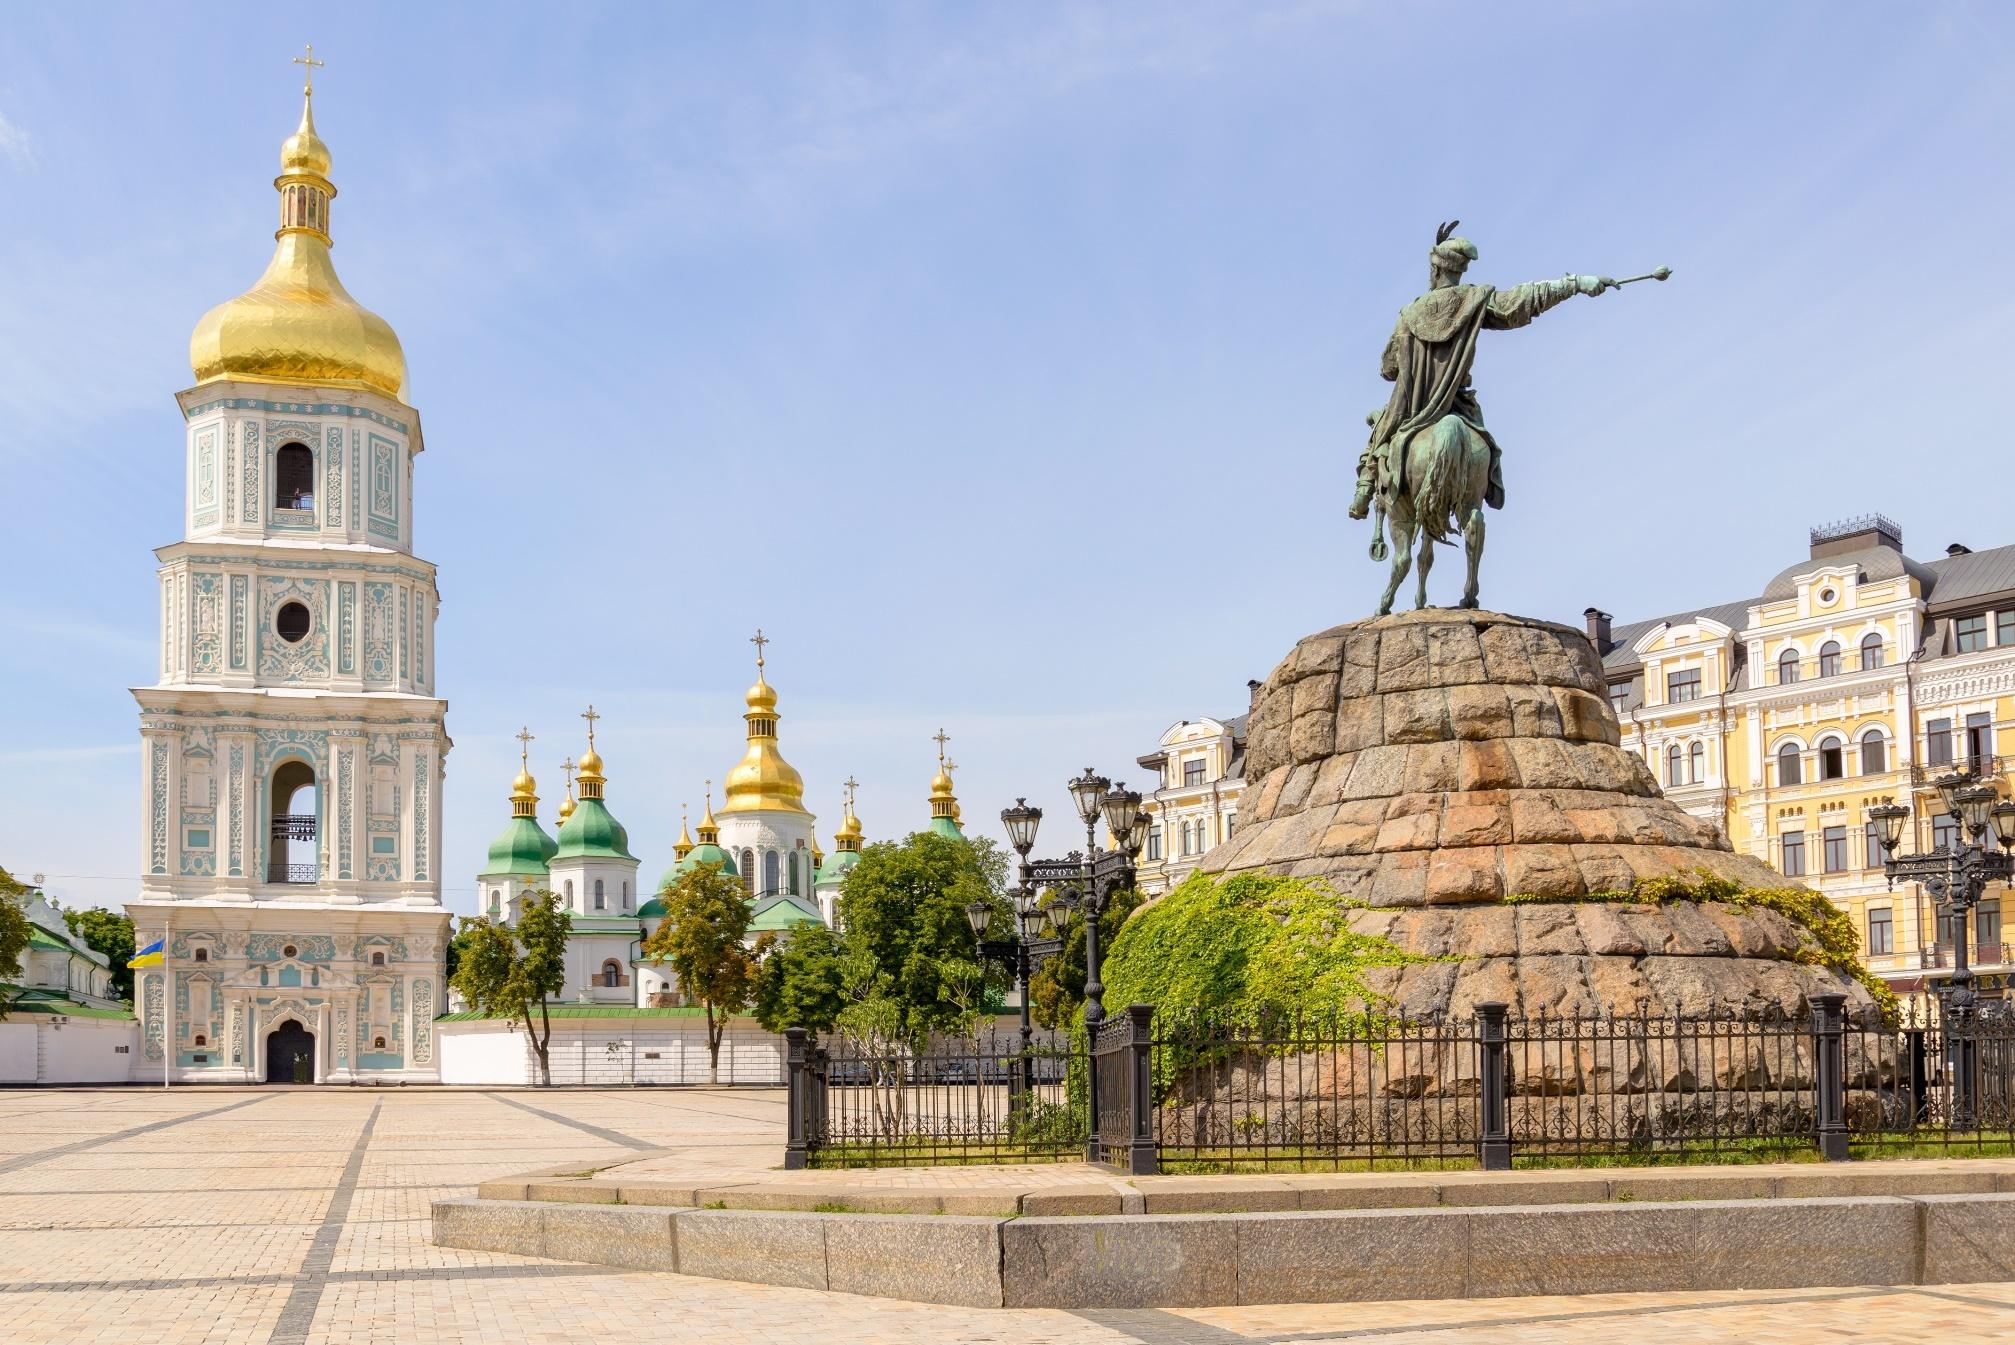 """Результат пошуку зображень за запитом """"киев софийская площадь"""""""